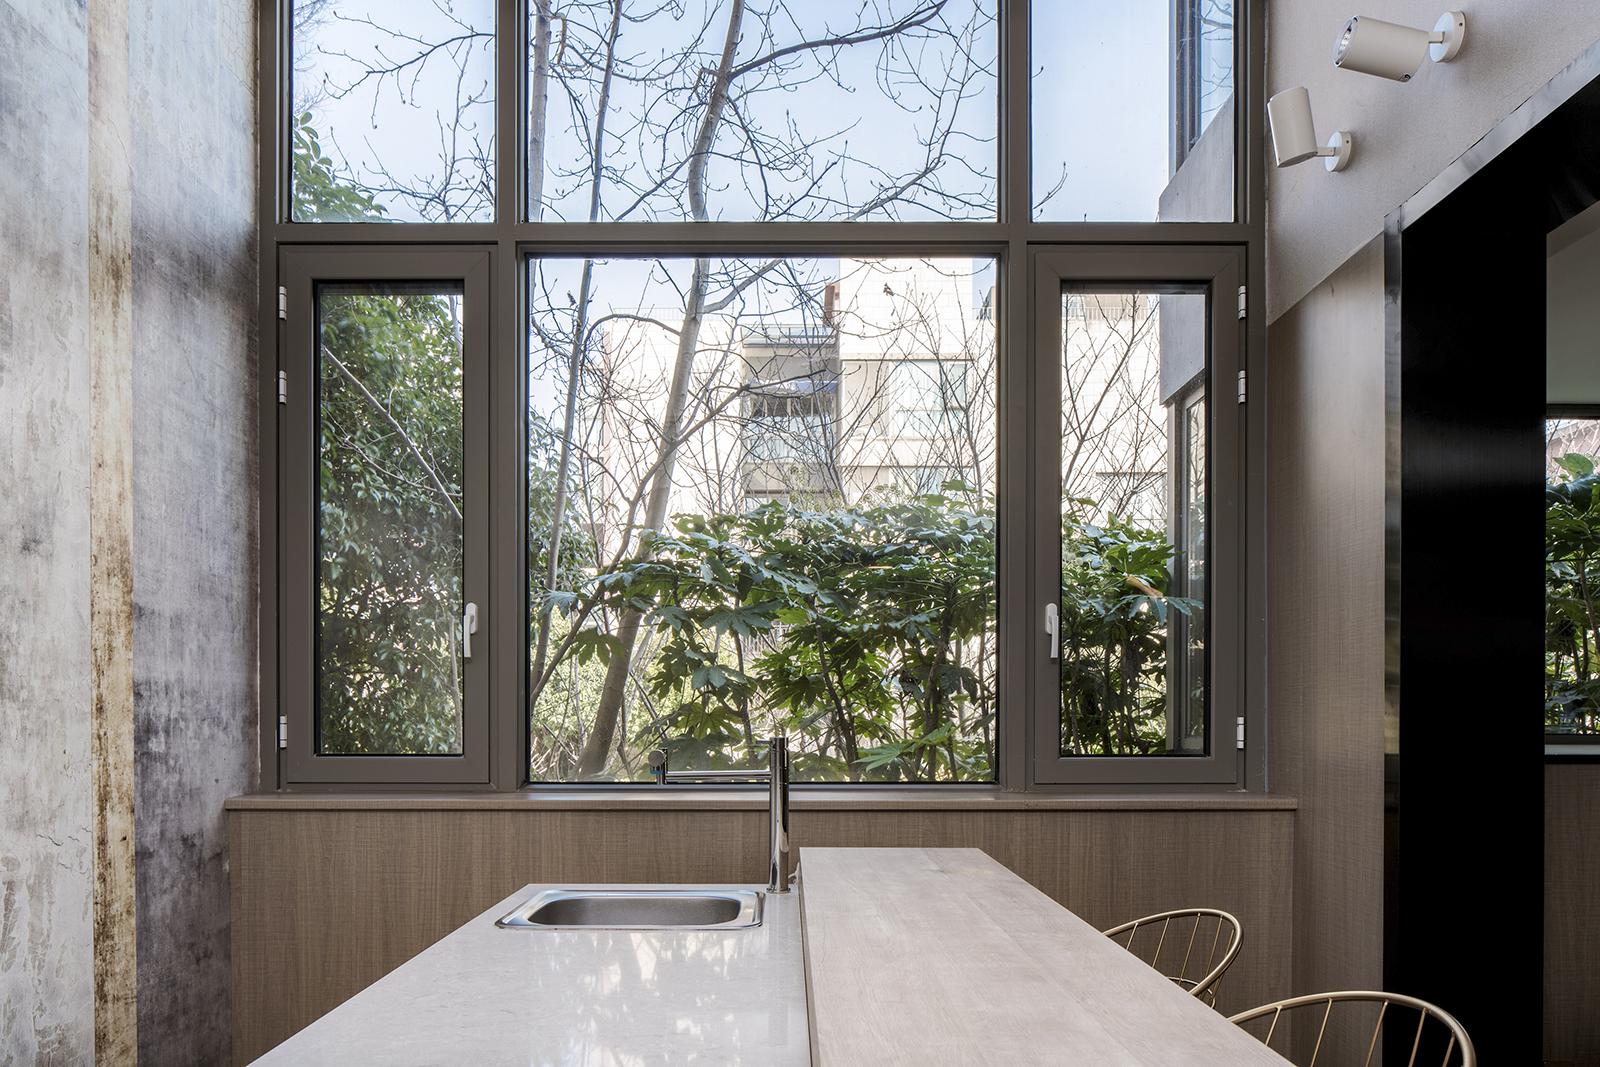 简约 混搭 三居 别墅 白领 收纳 80后 小资 餐厅图片来自7KK DESIGN在如何把236平方改造成400平方使用的分享